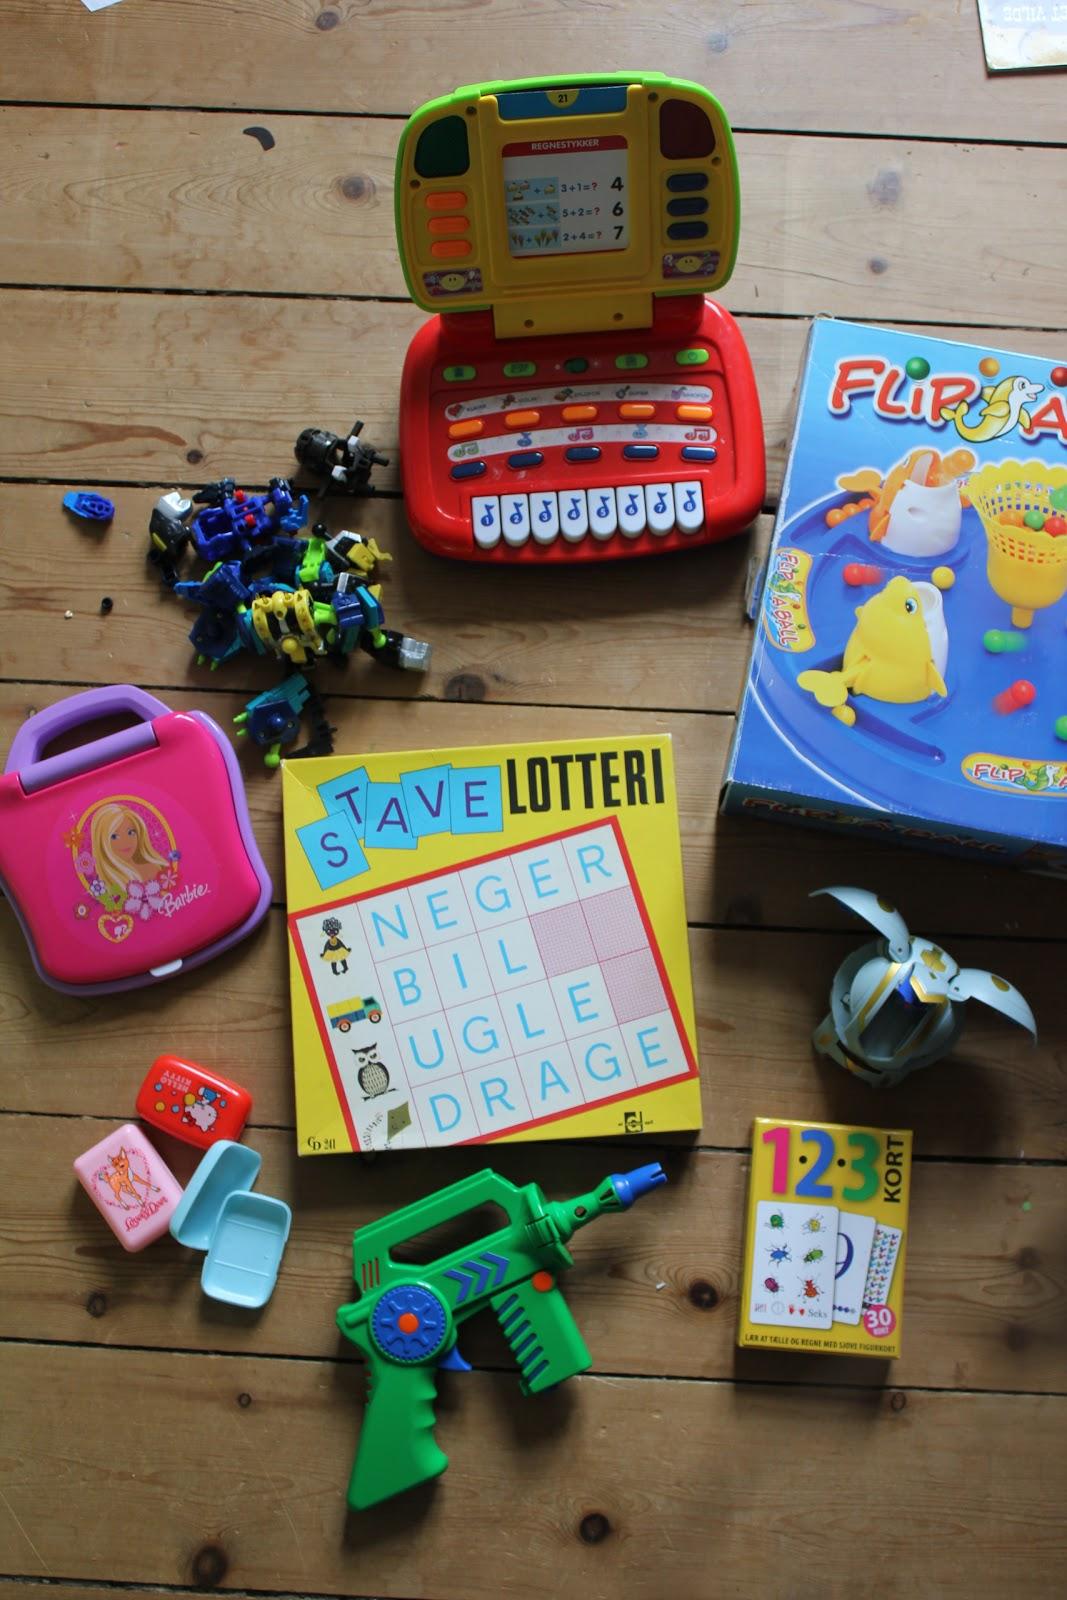 billigt legetøj børn